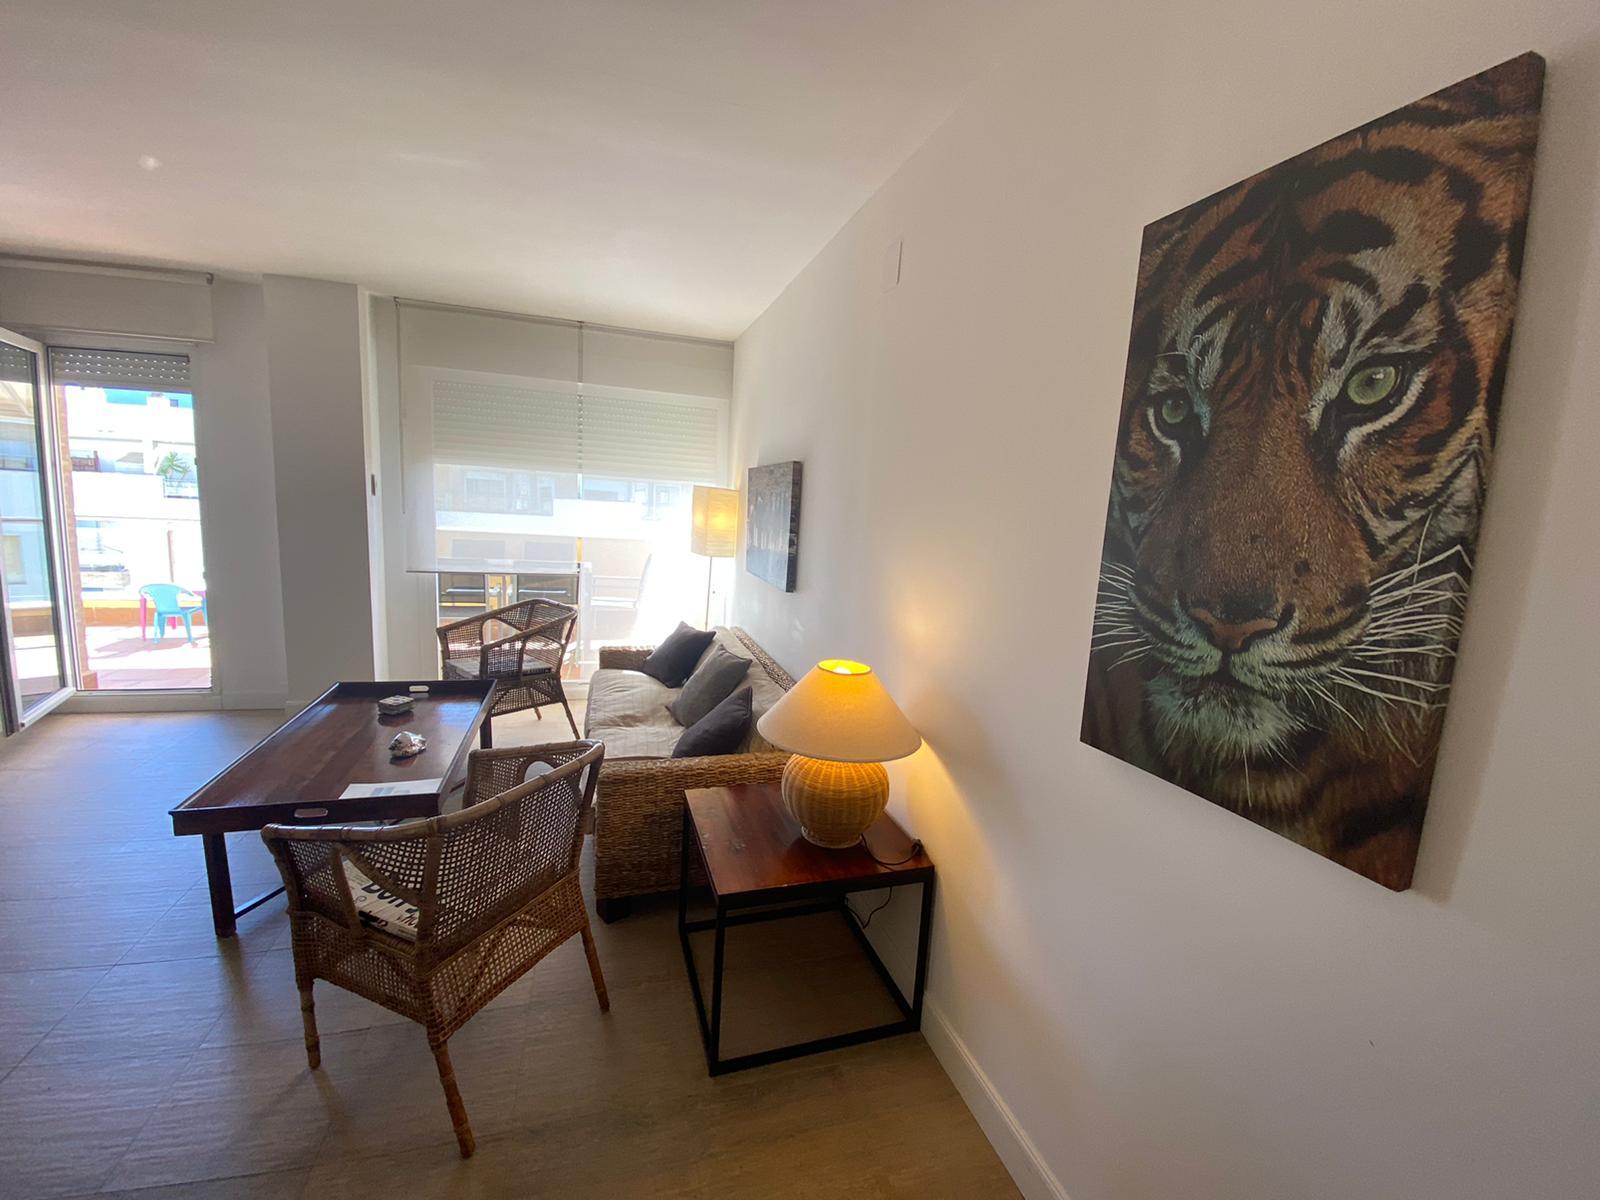 Imagen 5 del Apartamento Turístico, Ático 1 Central (3d+2b), Punta del Moral (HUELVA), Paseo de la Cruz nº22